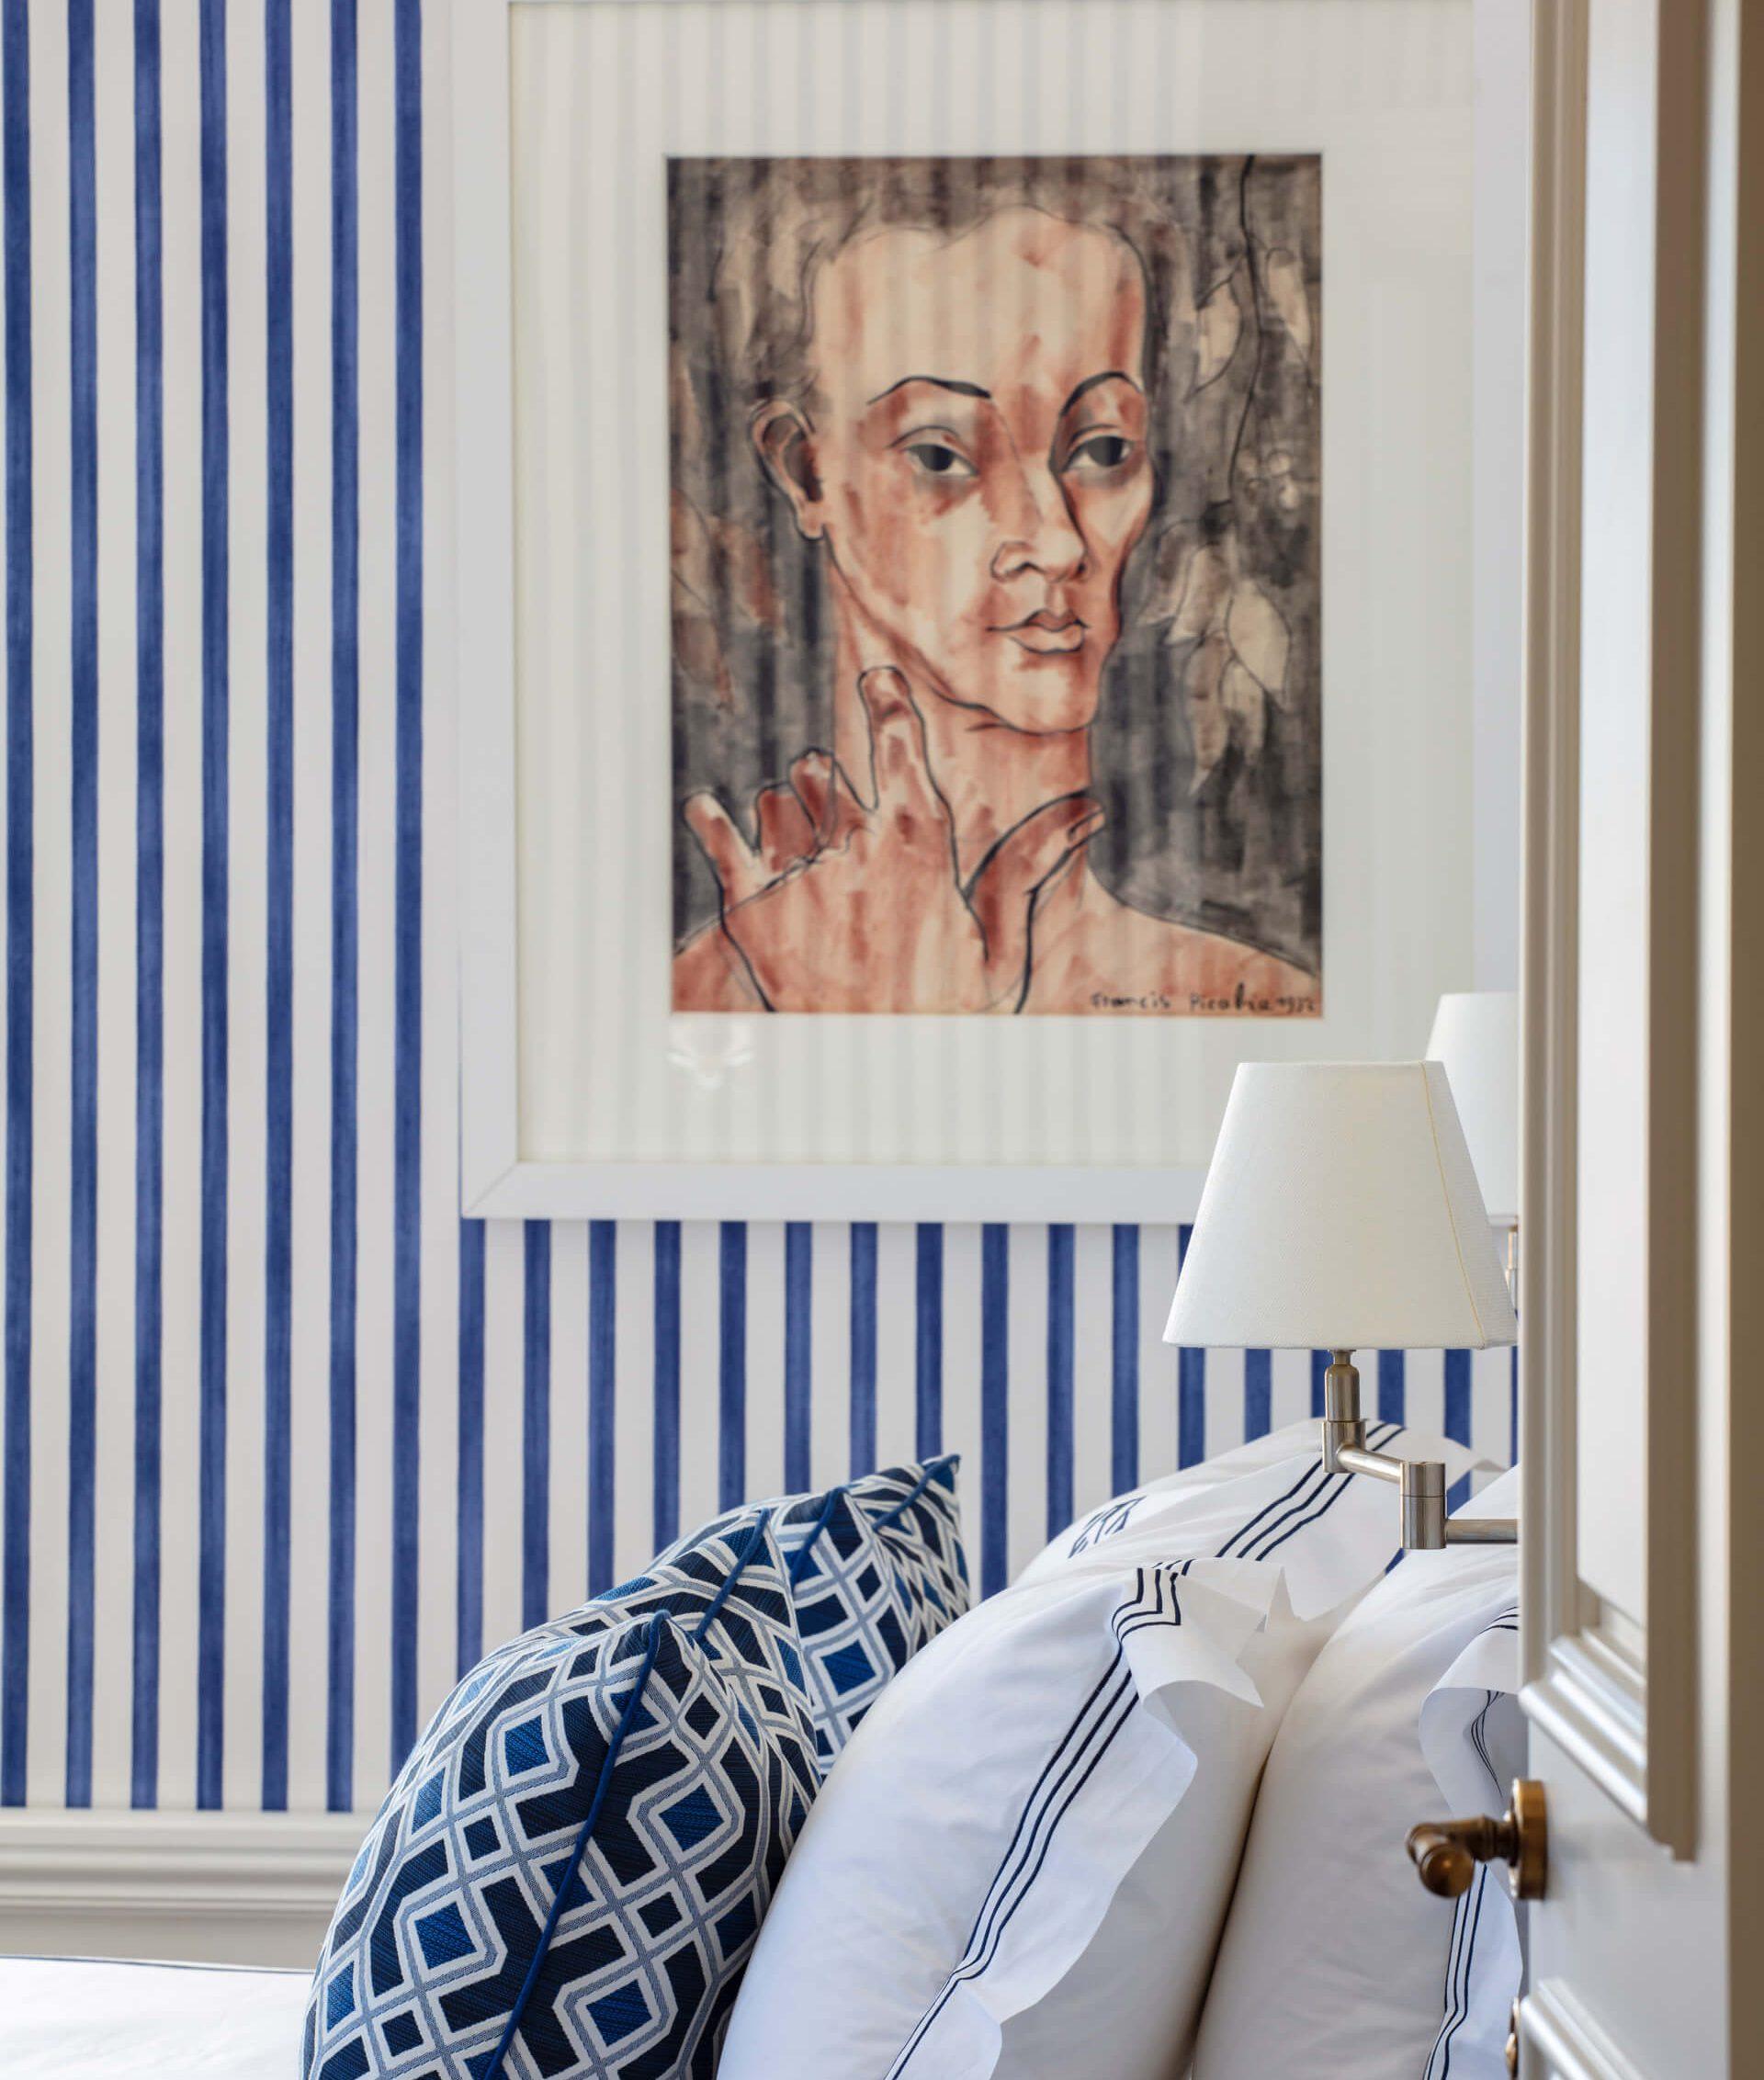 Portofino-Bello-Vedere-06-aspect-ratio-882×1040